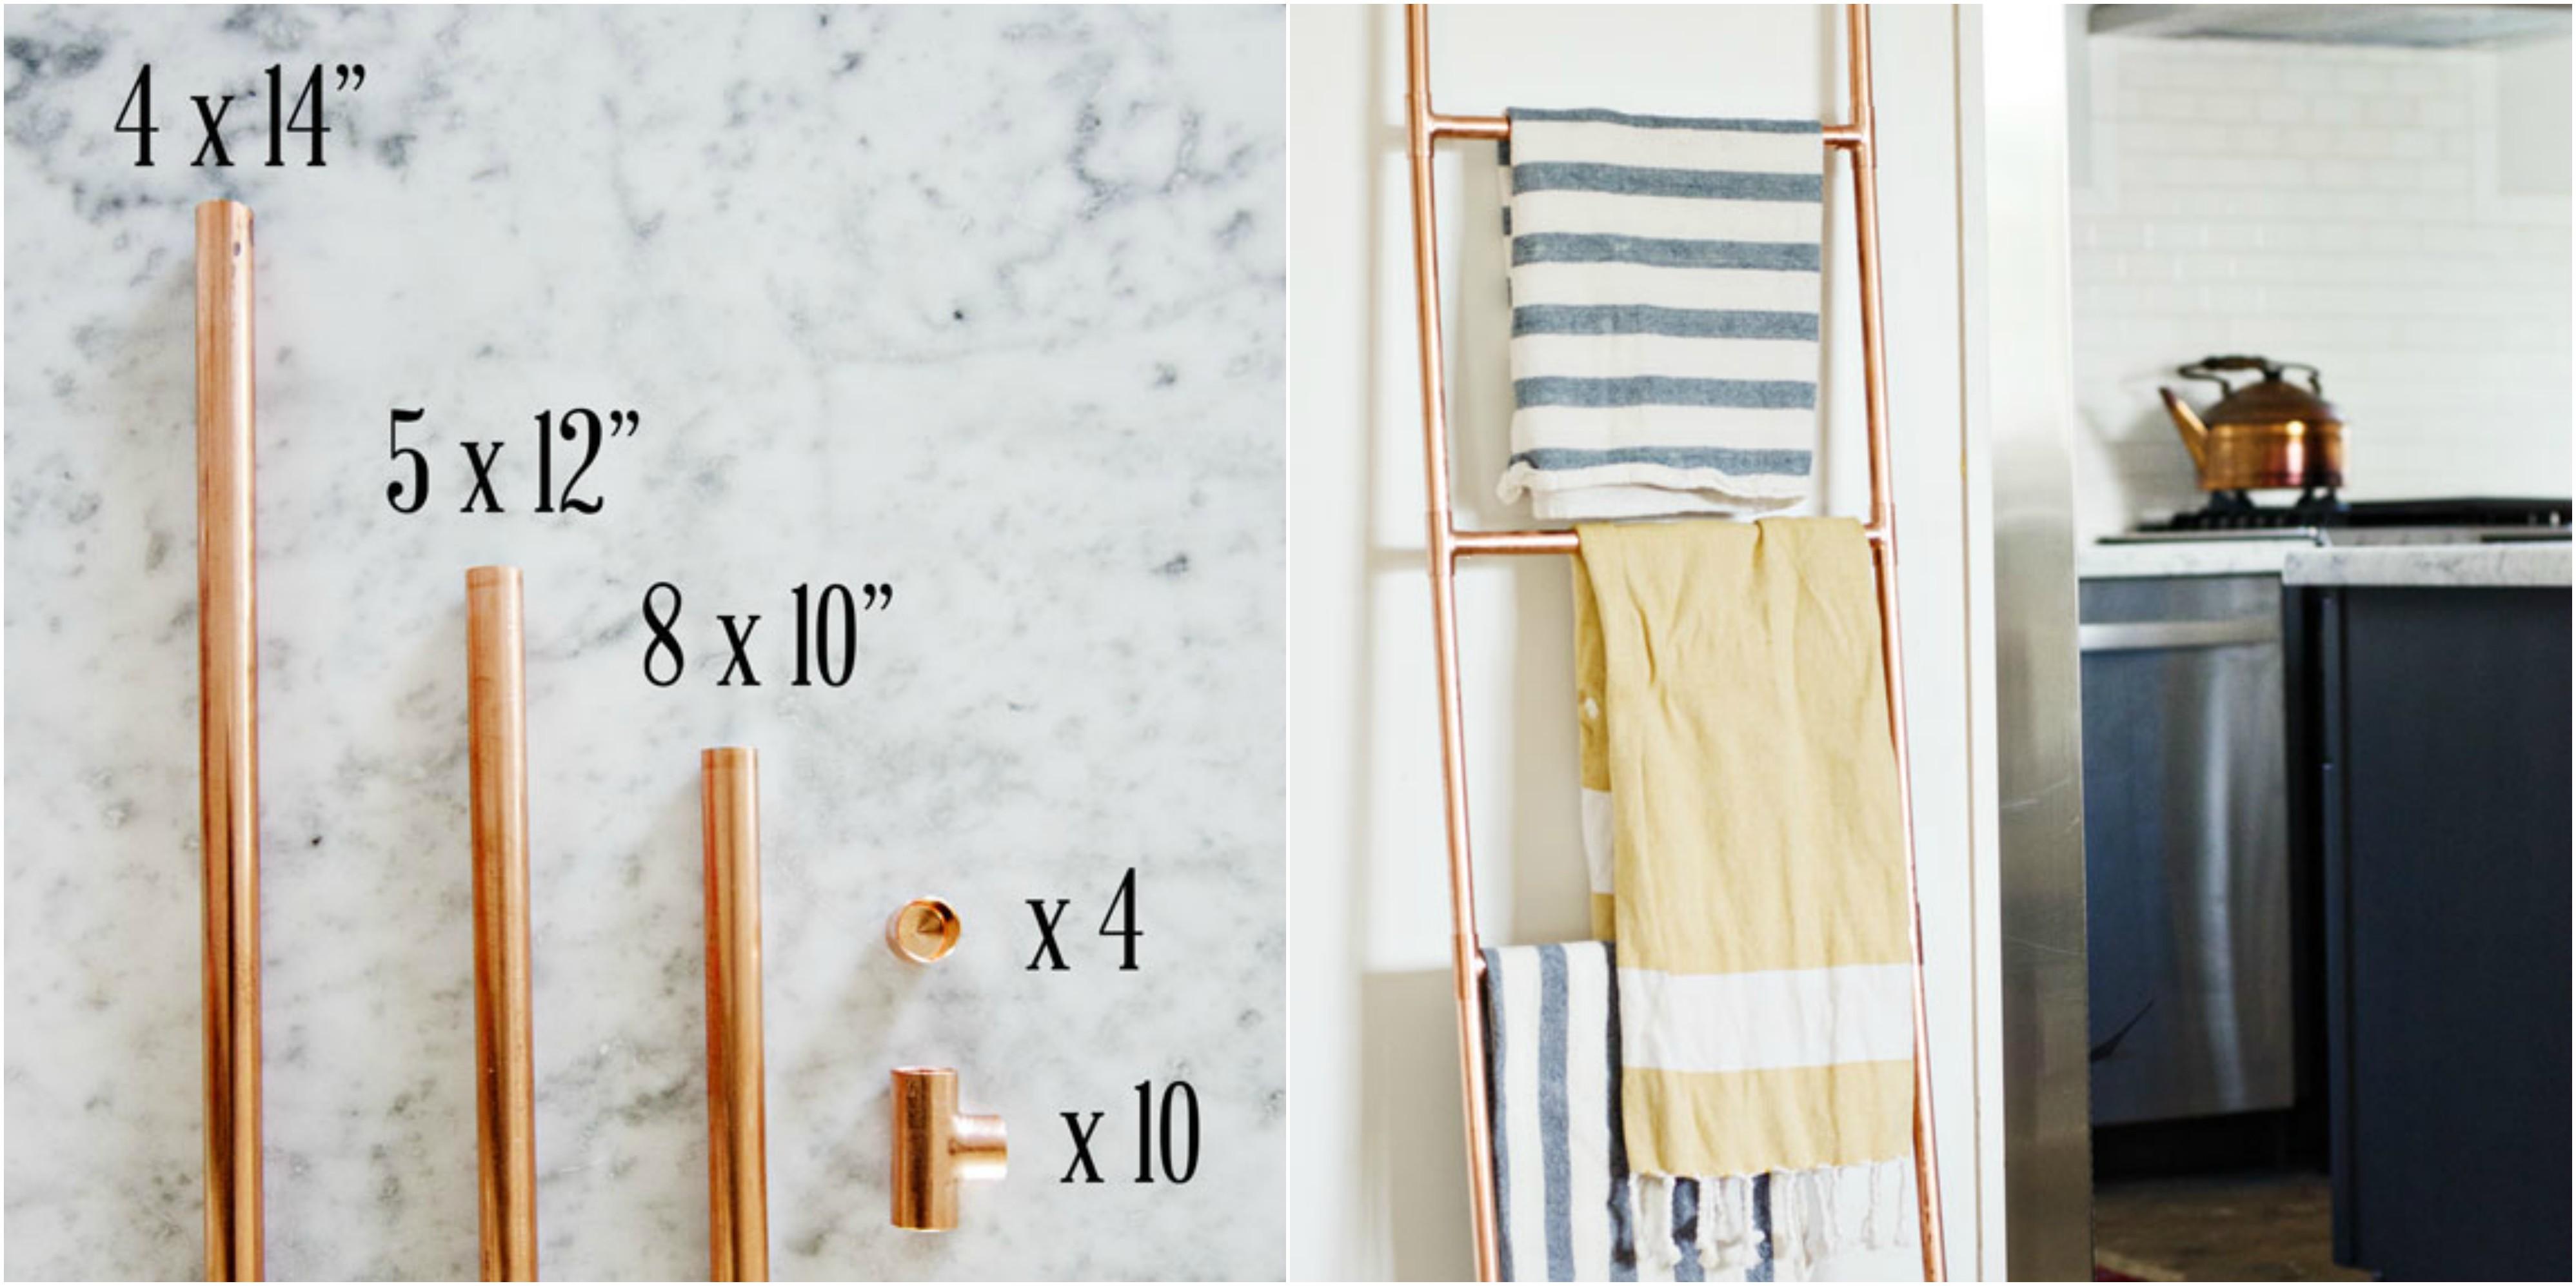 echelle porte serviette et couvertures en tubes en cuivre à assembler, un accent décoratif pour la cuisine